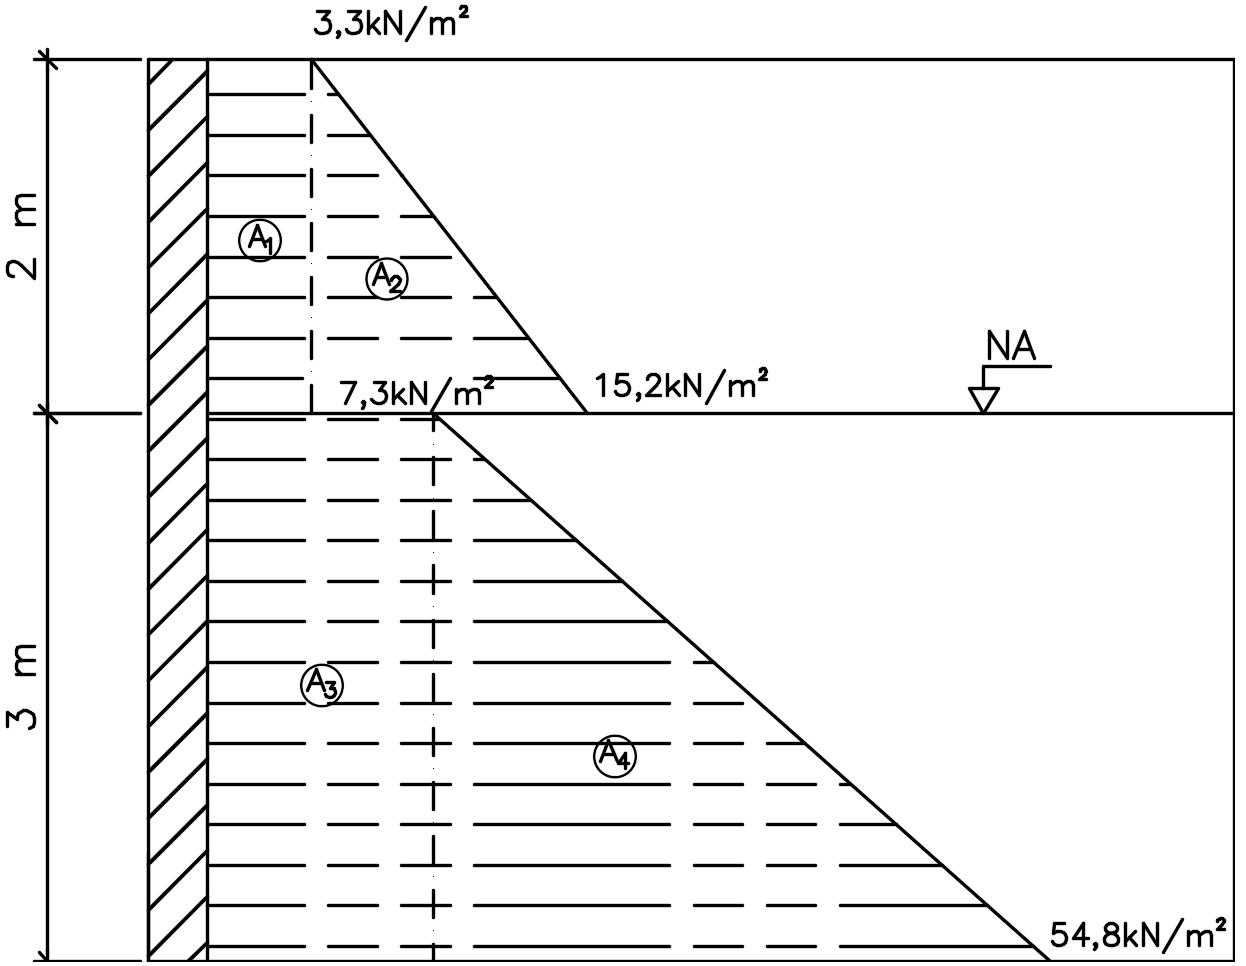 Diagrama de tensões horizontais